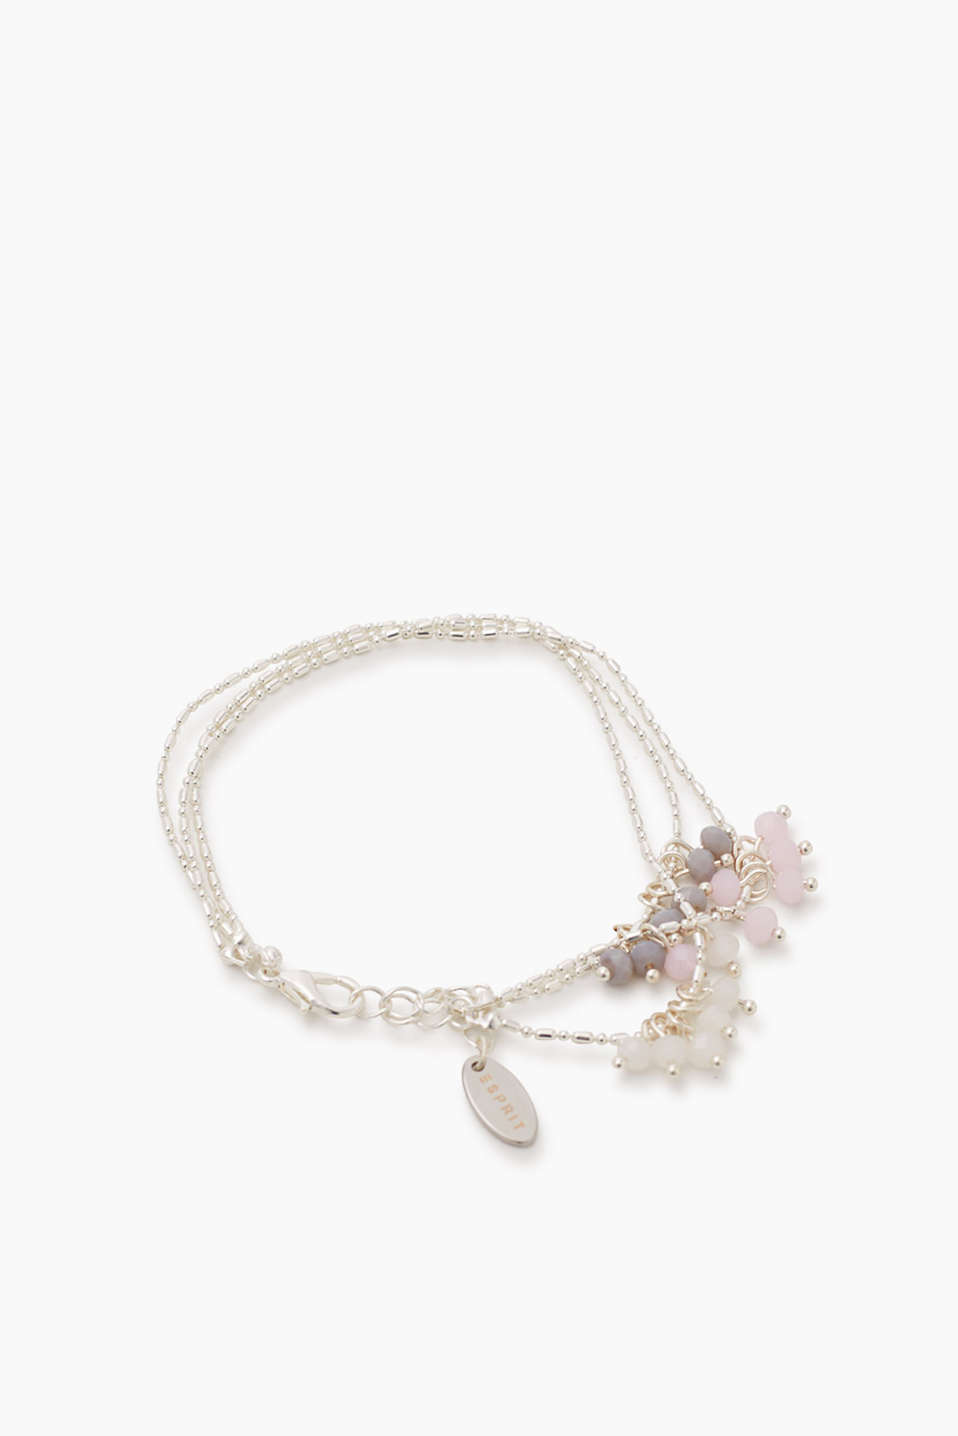 esprit lot de trois bracelets perles en verre acheter sur la boutique en ligne. Black Bedroom Furniture Sets. Home Design Ideas